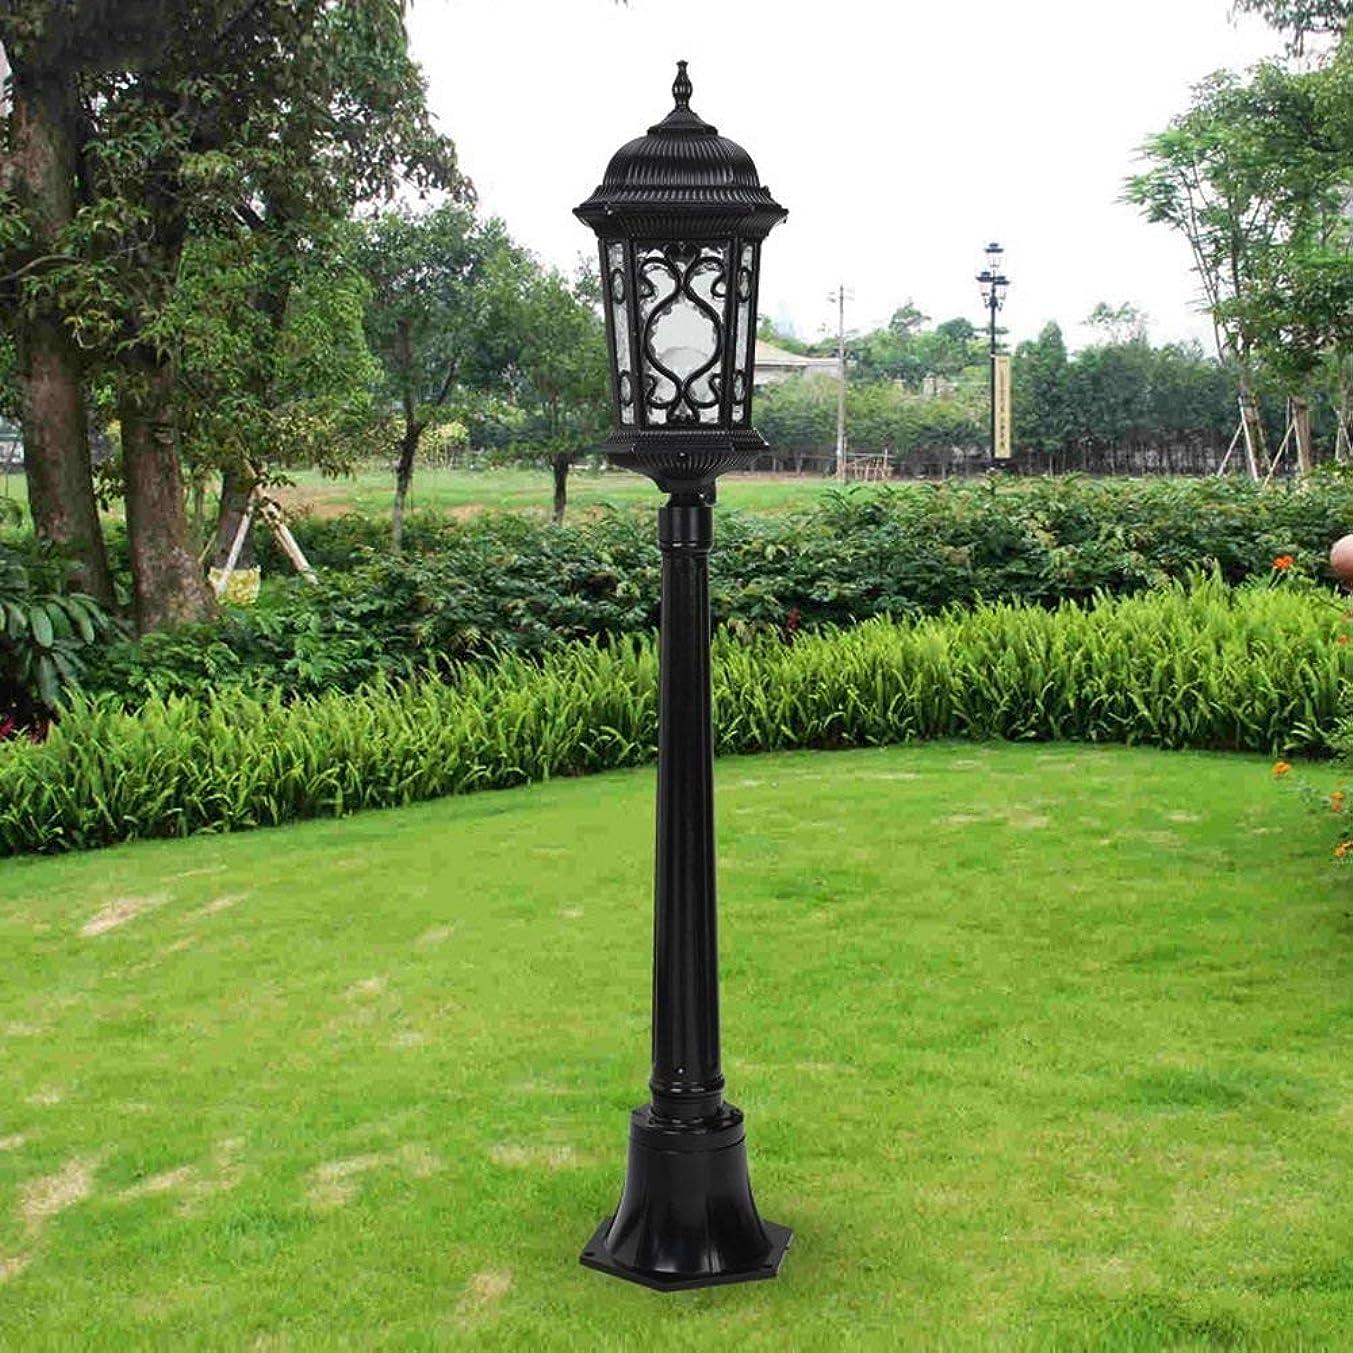 思いつく金額瞑想的Hines ヨーロッパビクトリア防水ガラスランタンストリートライト1光屋外フロアランプ列ライトアメリカのレトロアルミピラーポストE27風景ヴィラパーク装飾芝生庭のランプ